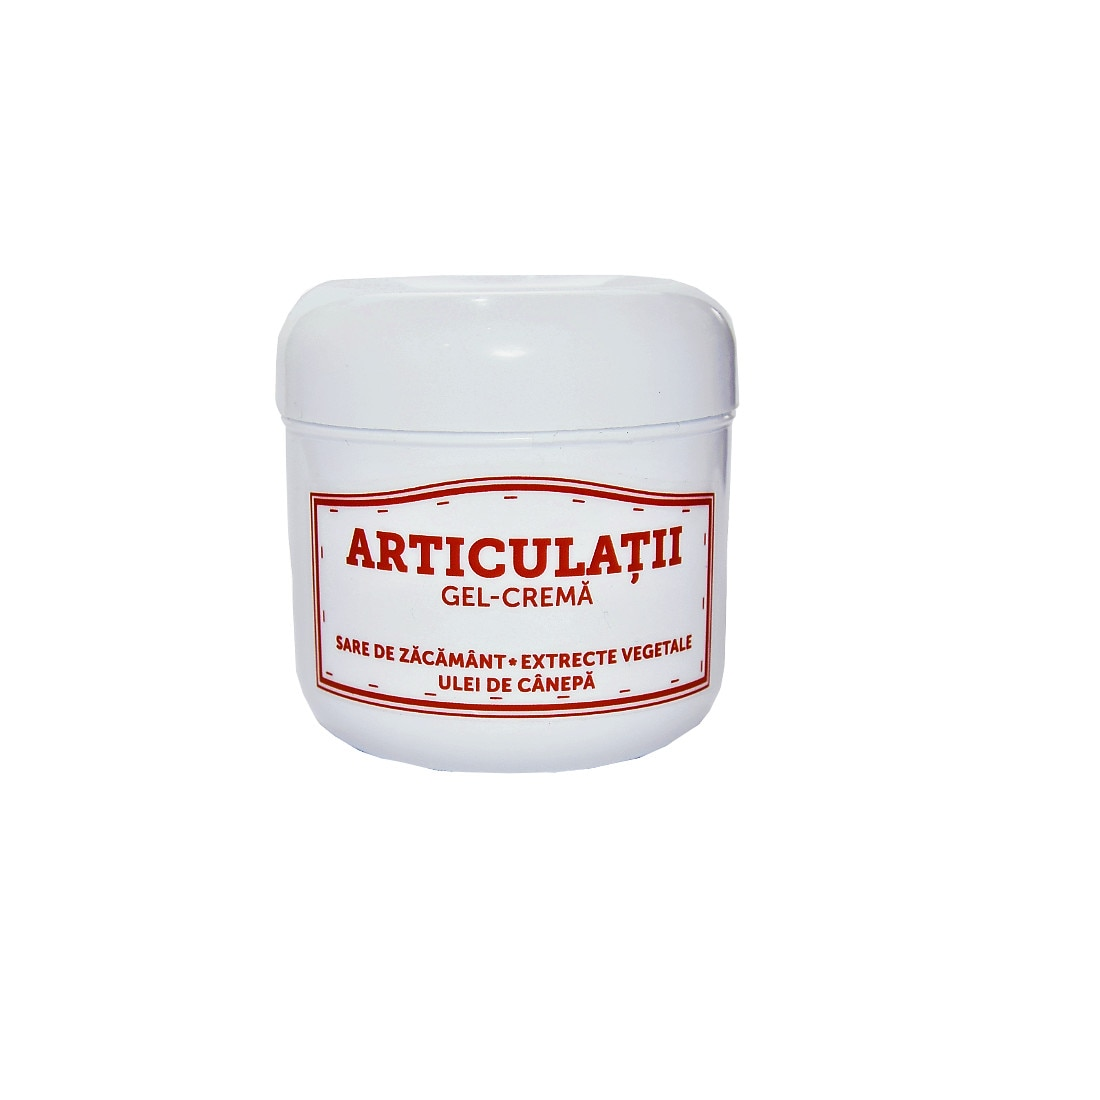 cele mai eficiente unguente pentru durerile articulare cauza durerii articulațiilor umărului